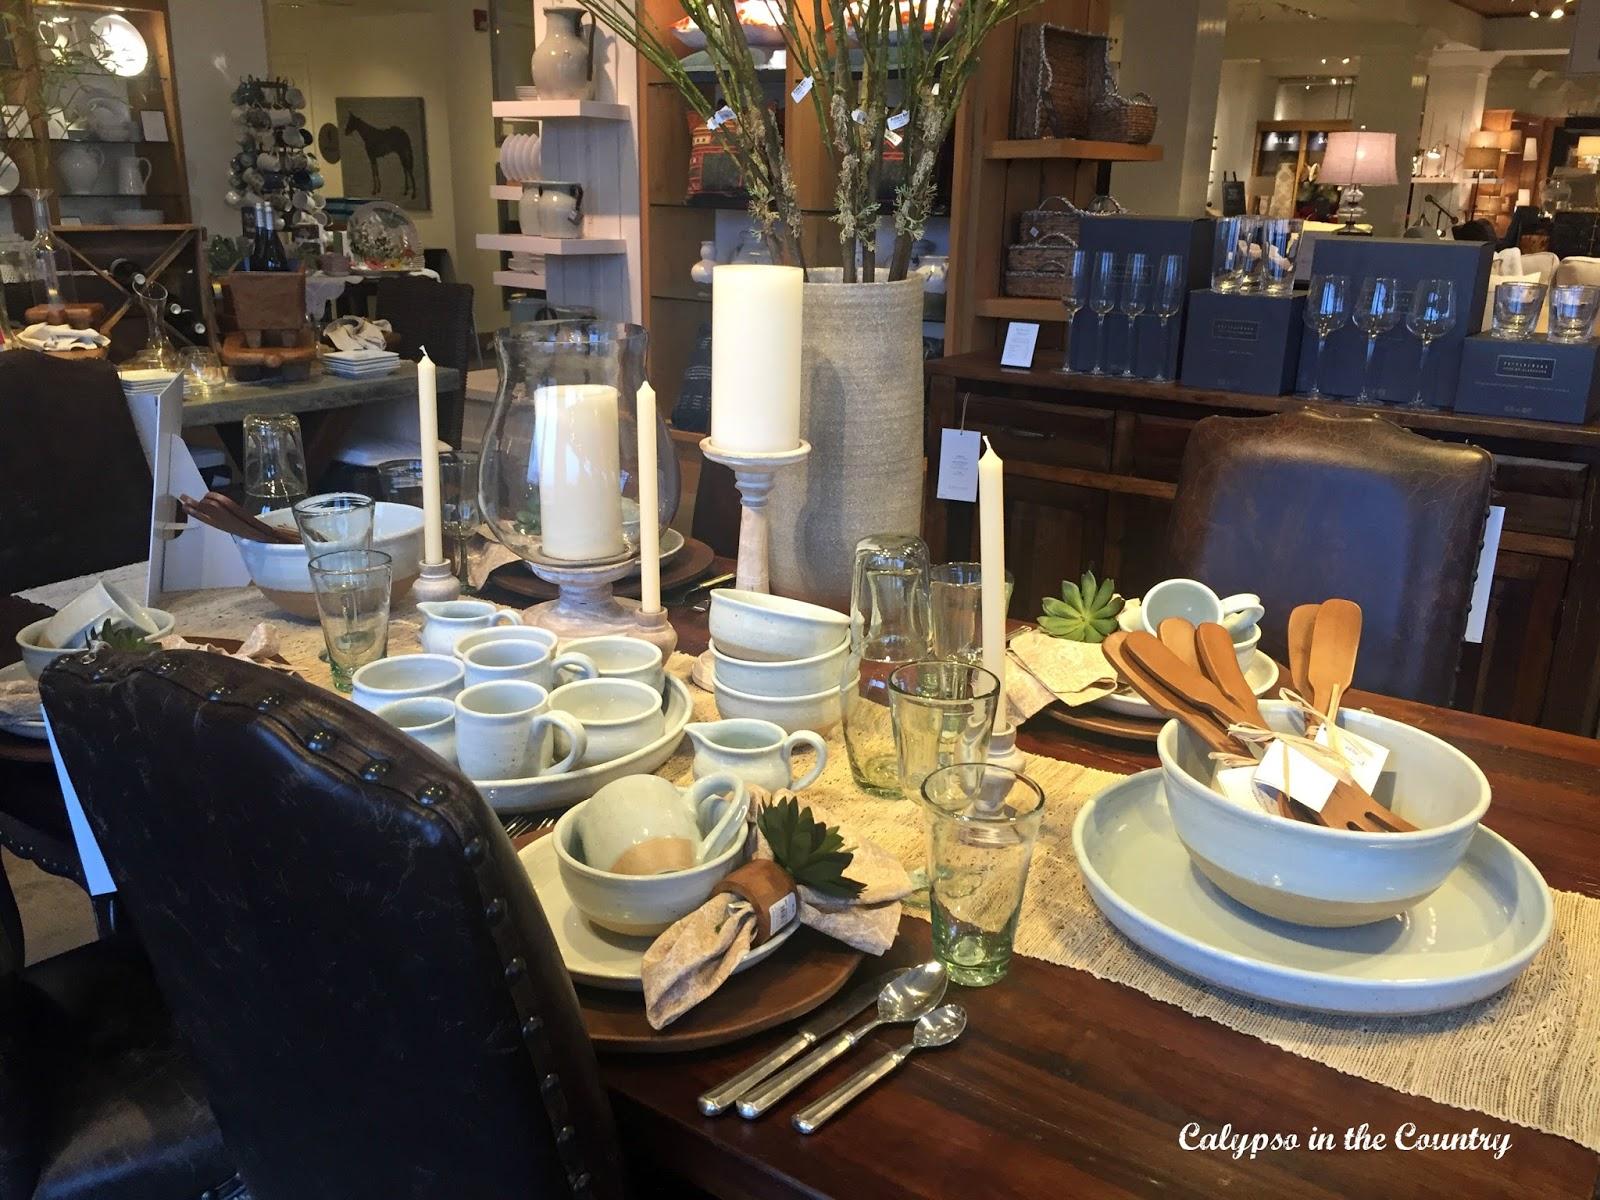 Pottery Barn table display